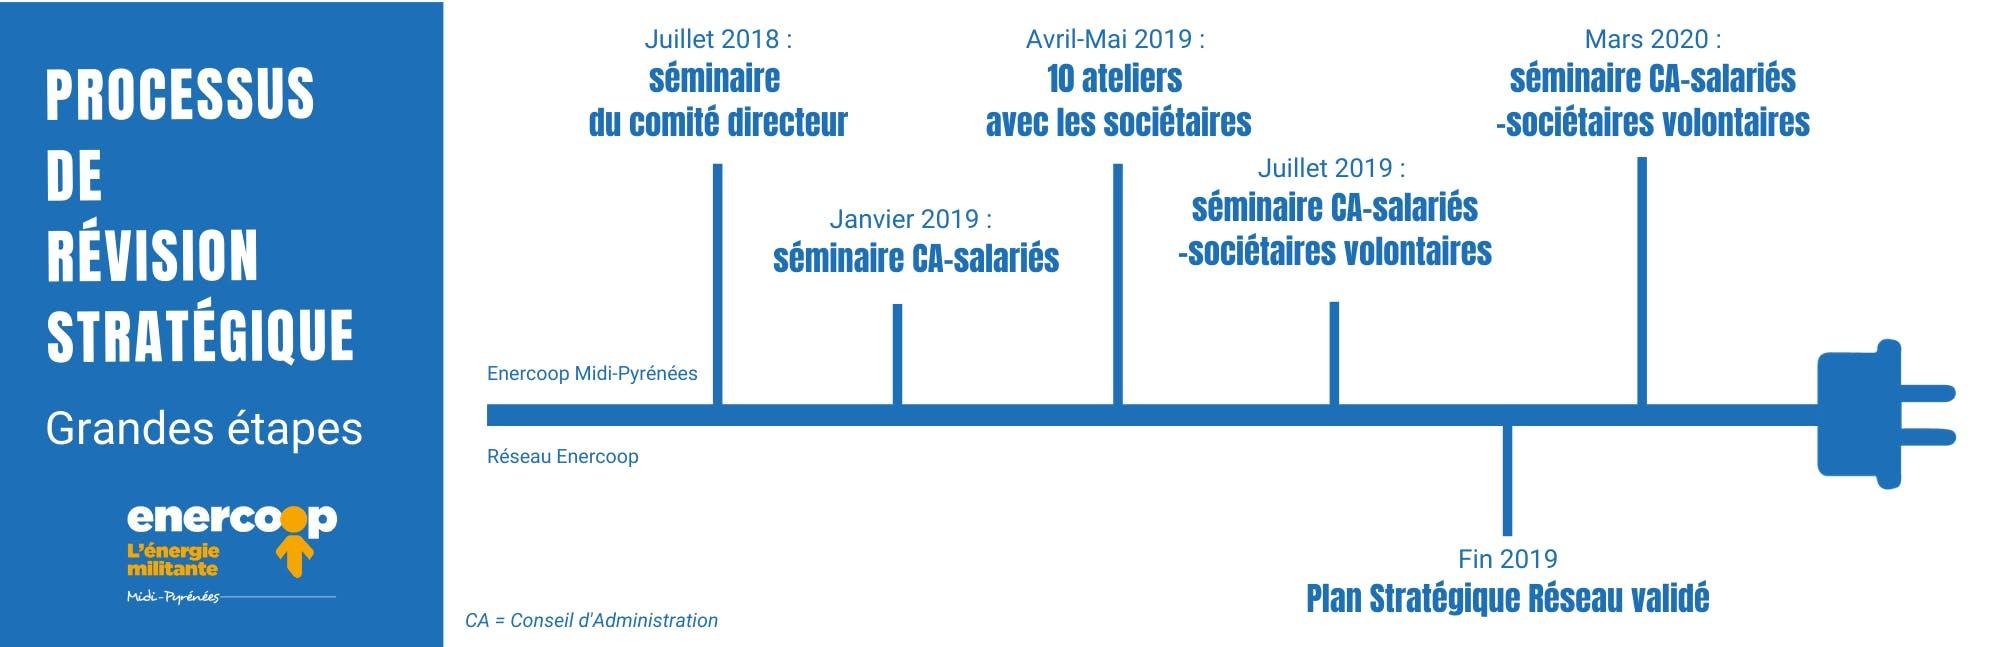 Schéma du processus de révision stratégique d'Enercoop Midi-Pyrénées